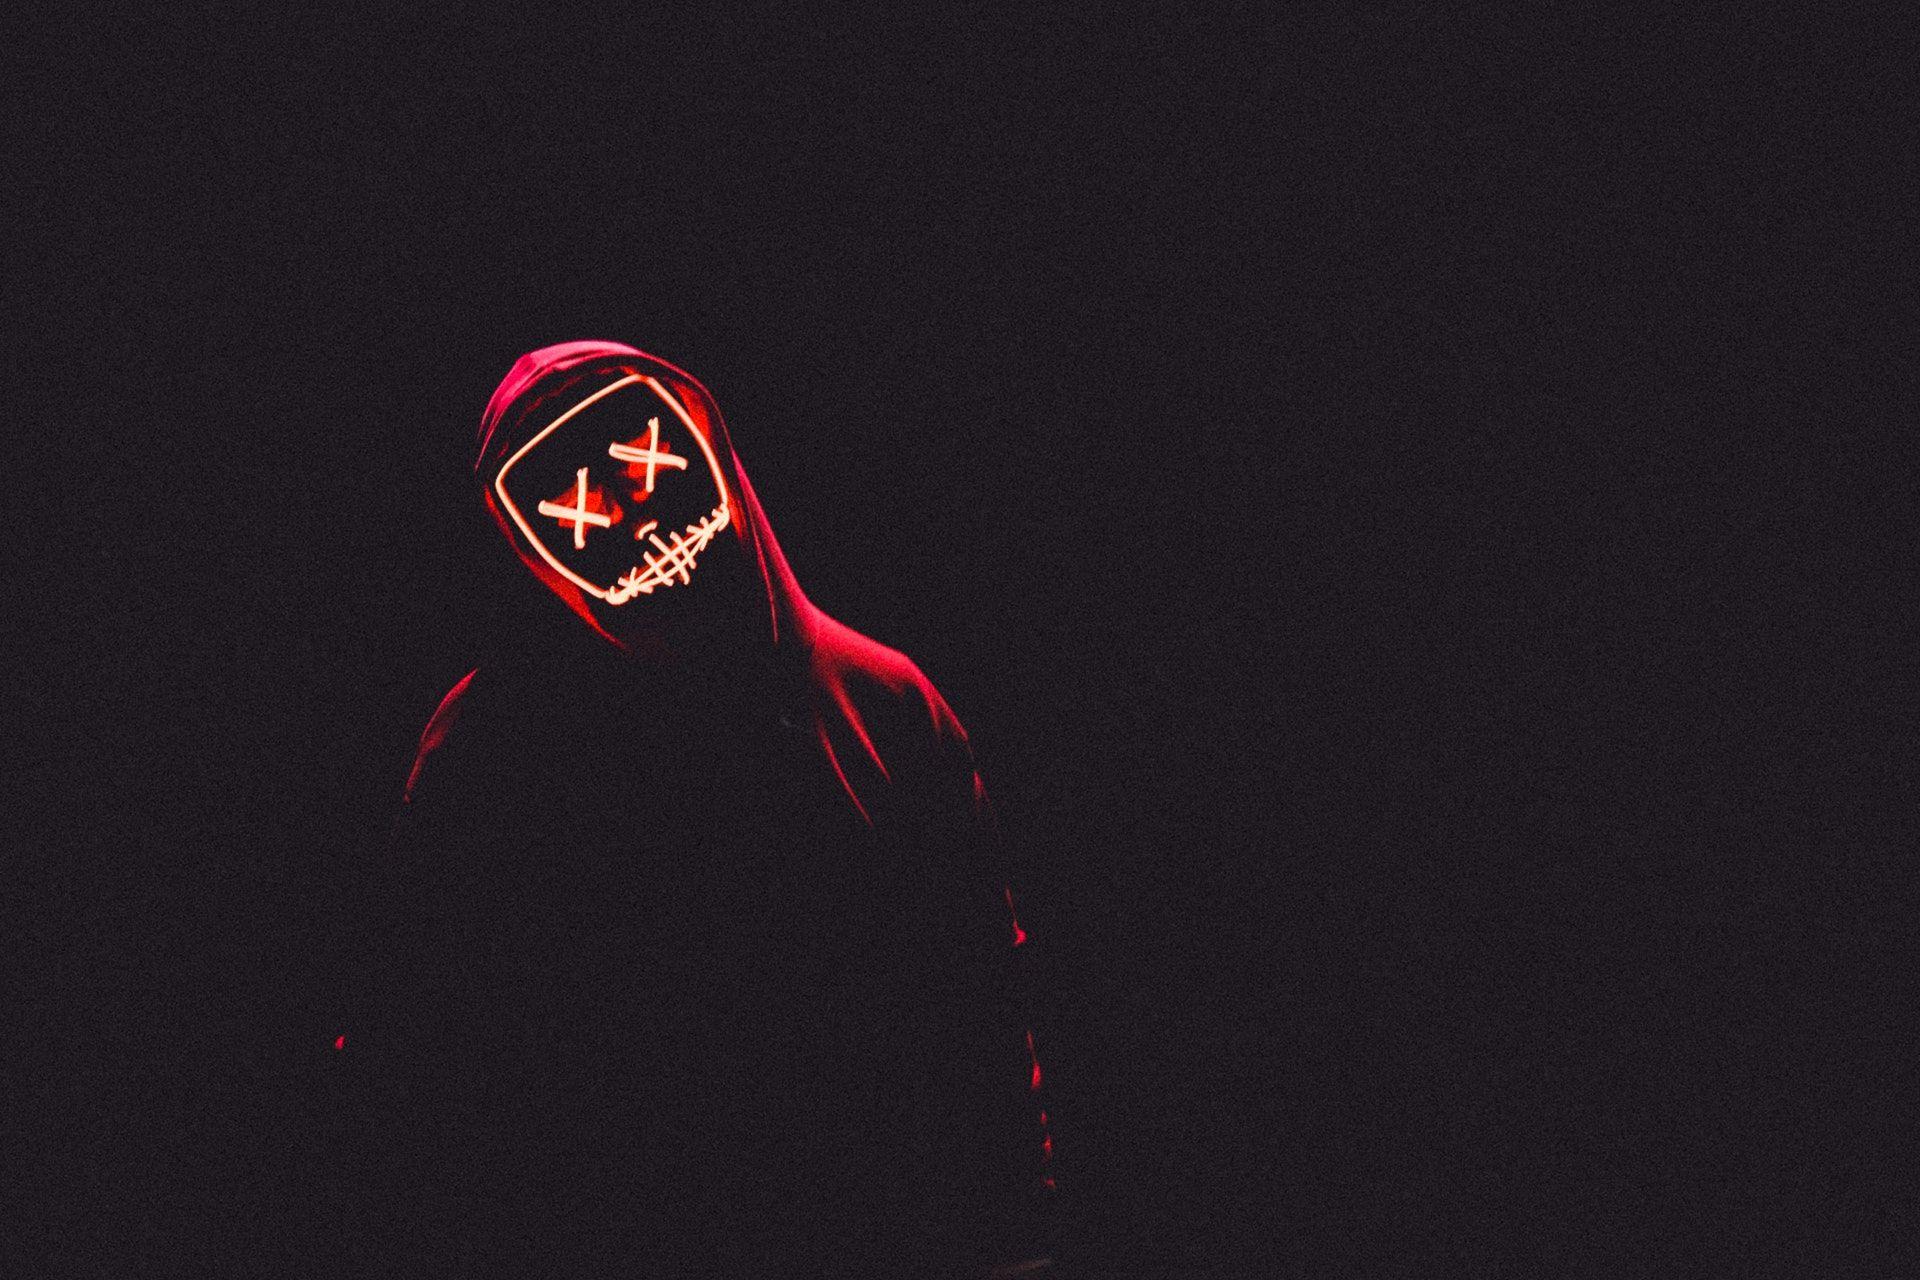 عکس زمینه ماسک نوری و پیراهن قرمز پس زمینه